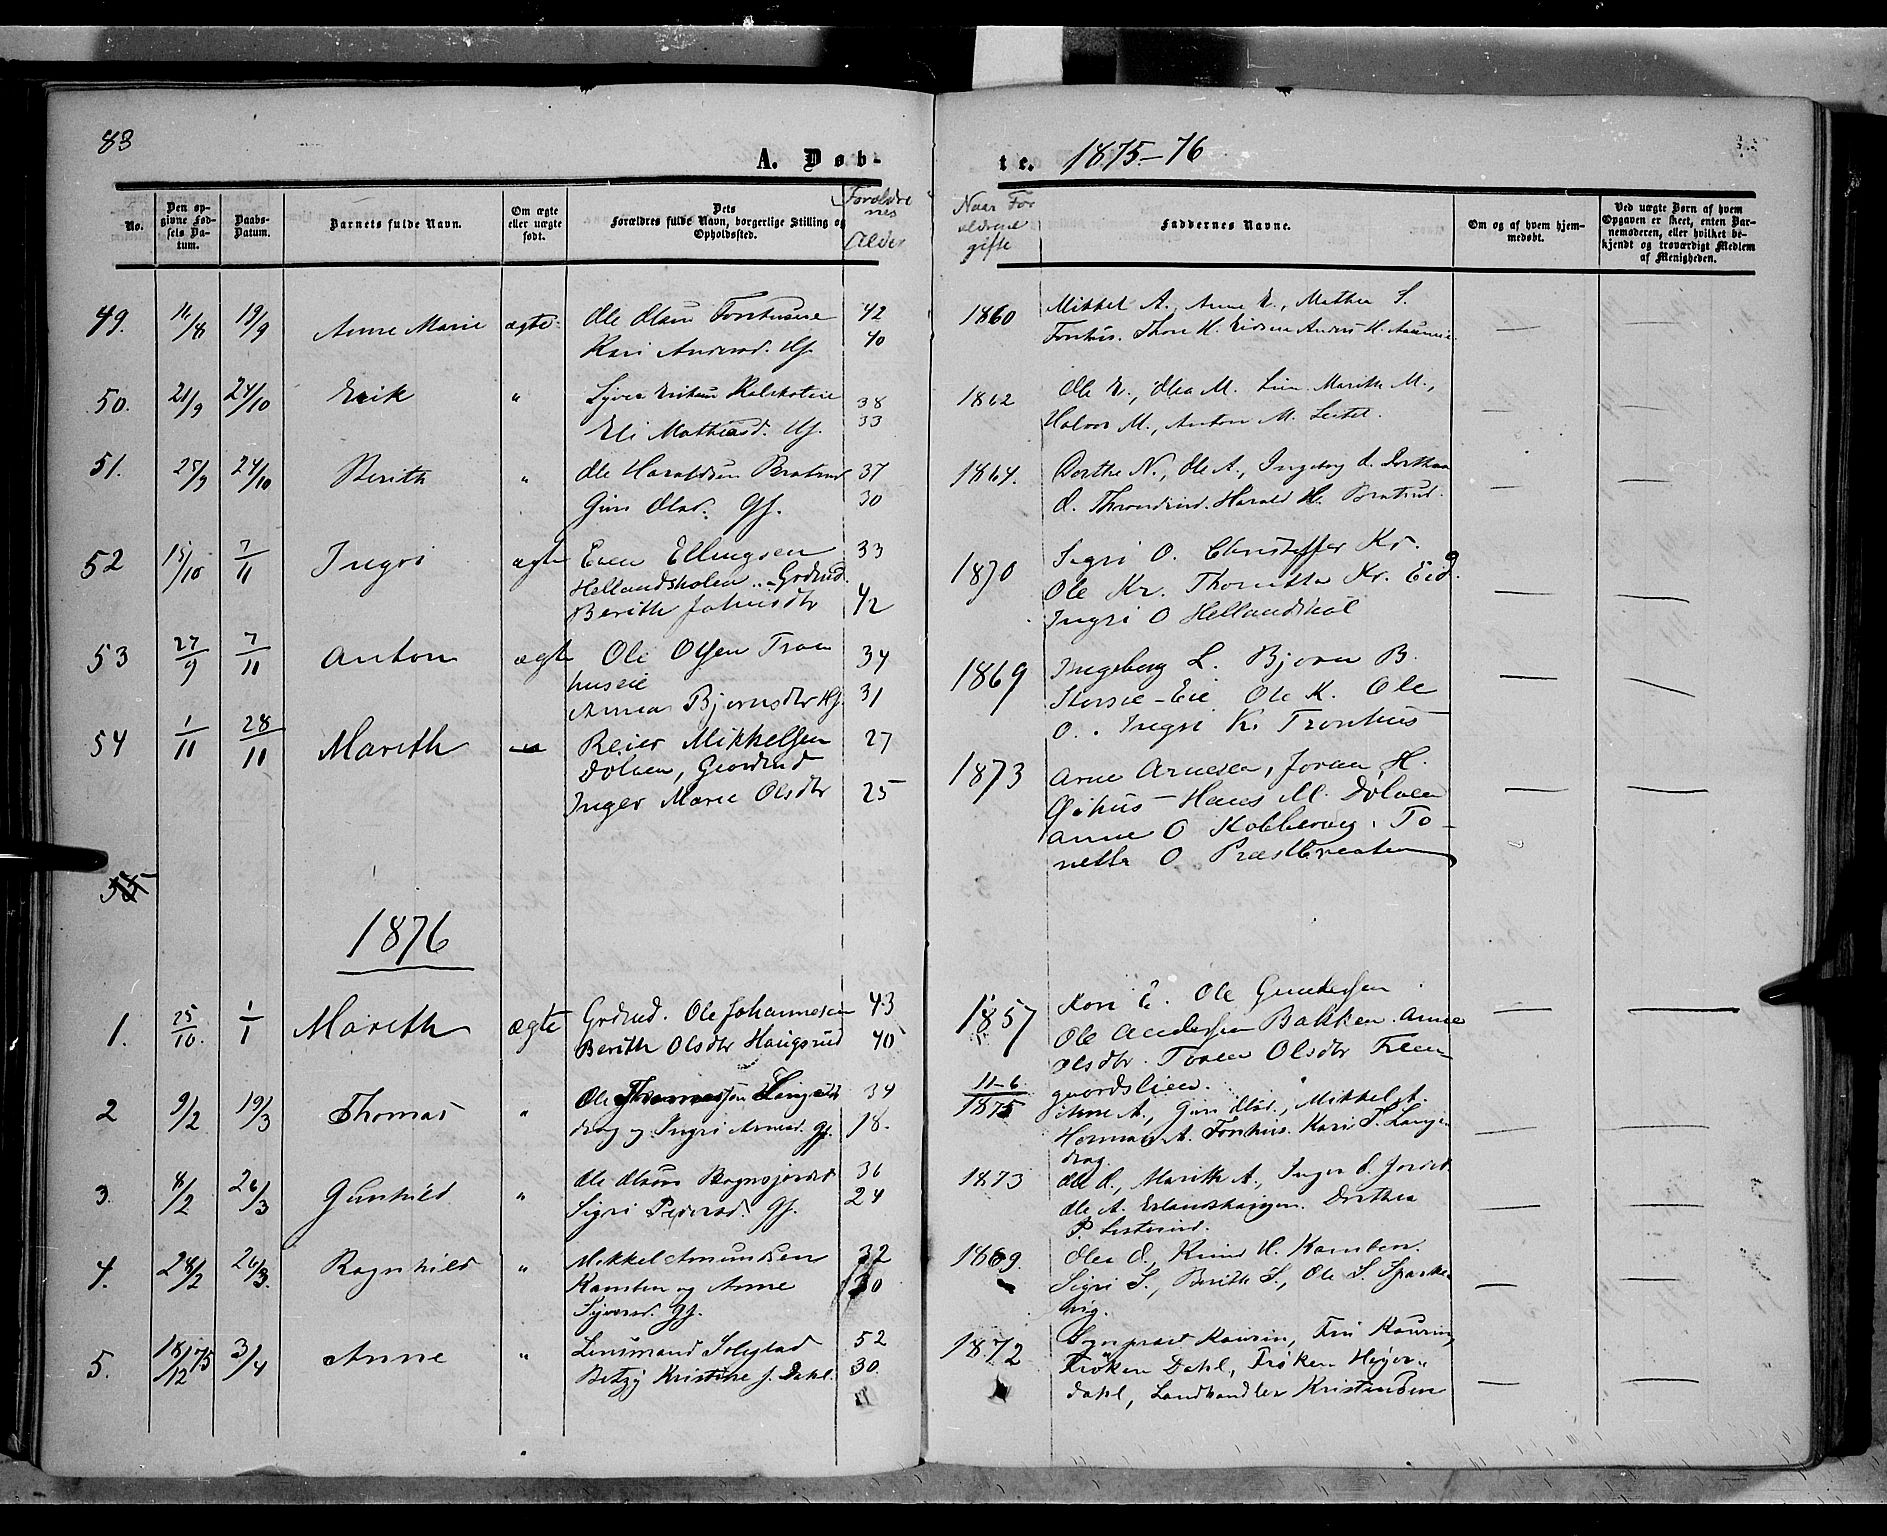 SAH, Sør-Aurdal prestekontor, Ministerialbok nr. 5, 1849-1876, s. 83